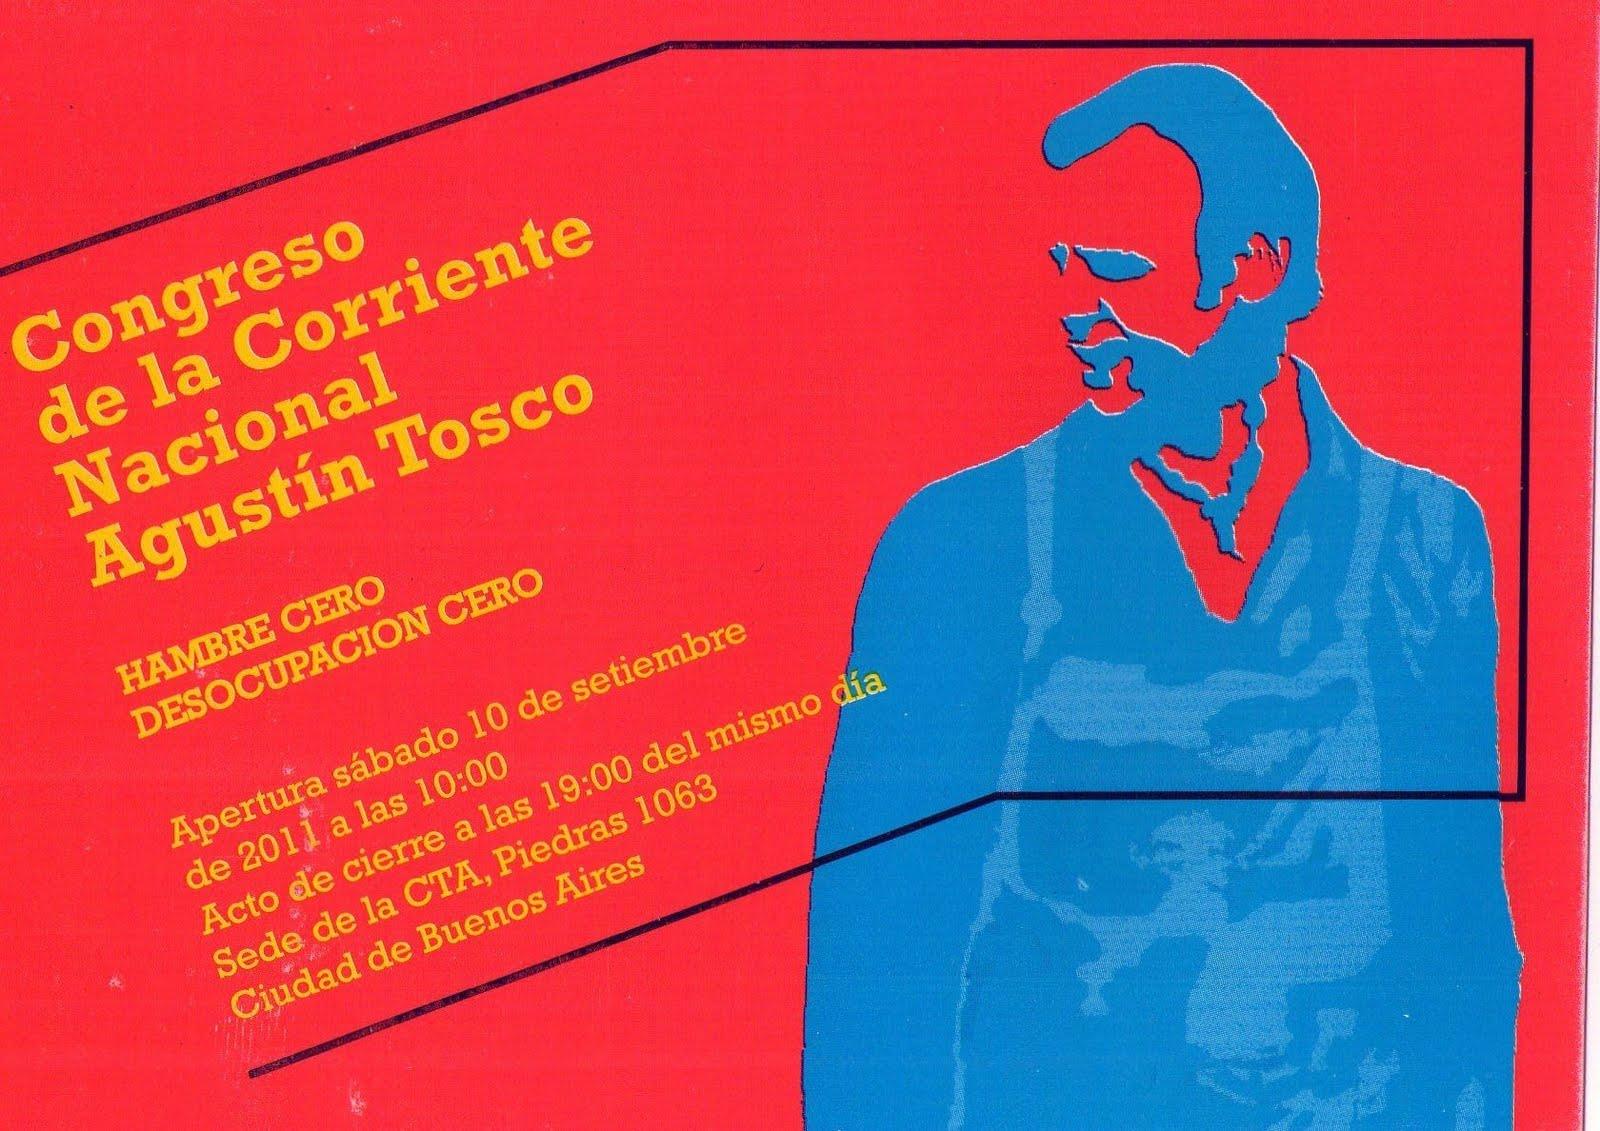 CoNAT - Corriente Nacional Agustín Tosco